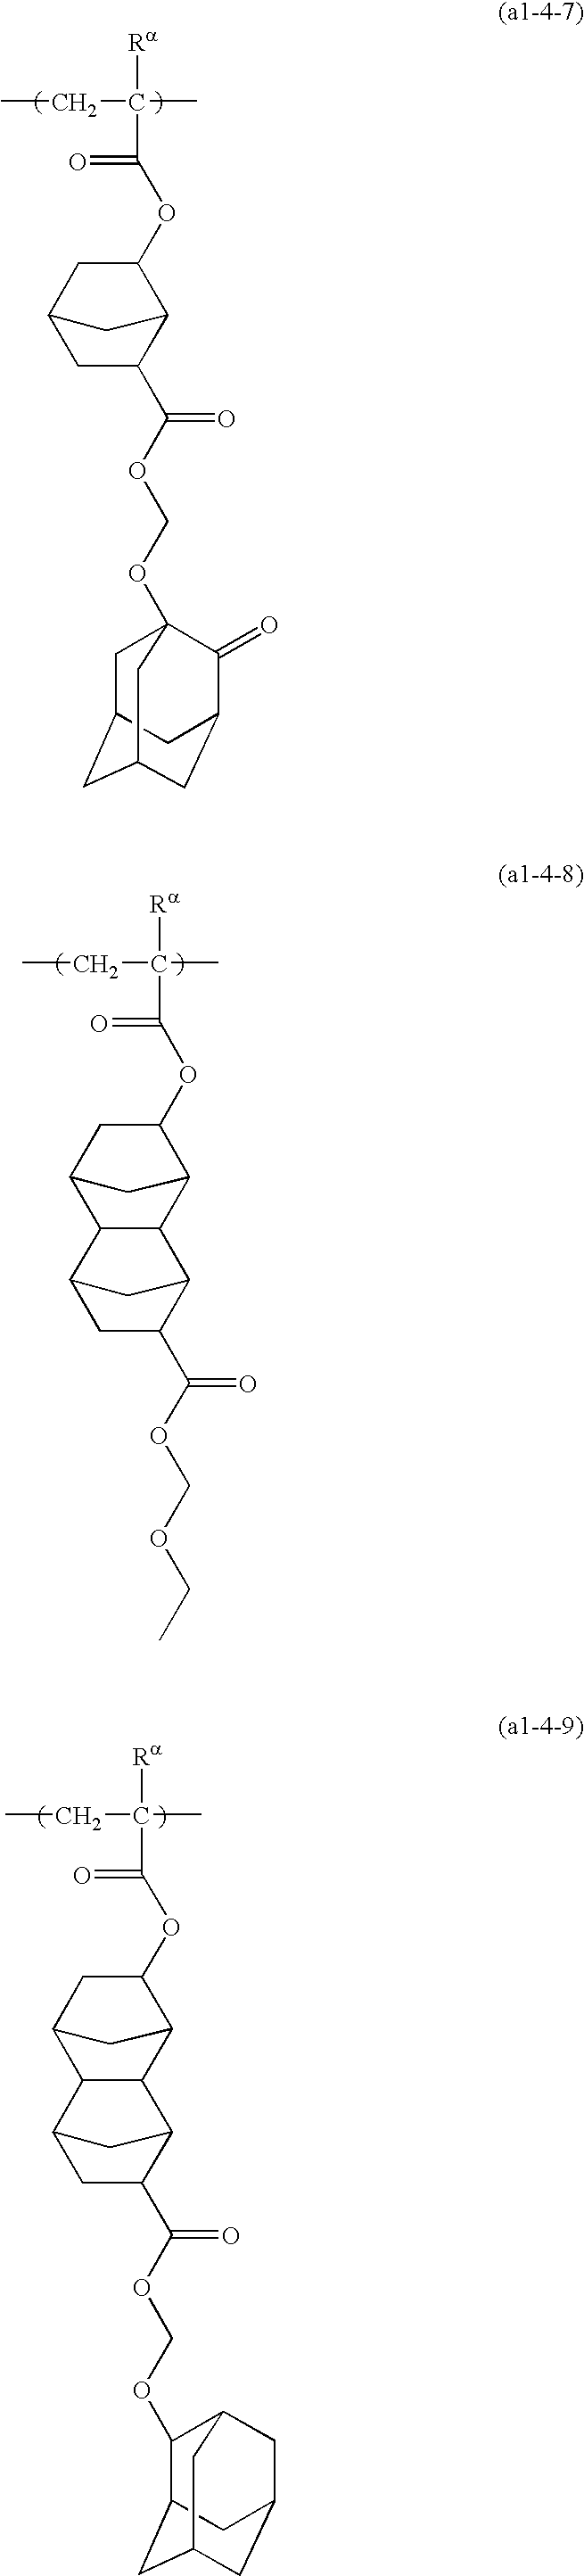 Figure US20100136480A1-20100603-C00045